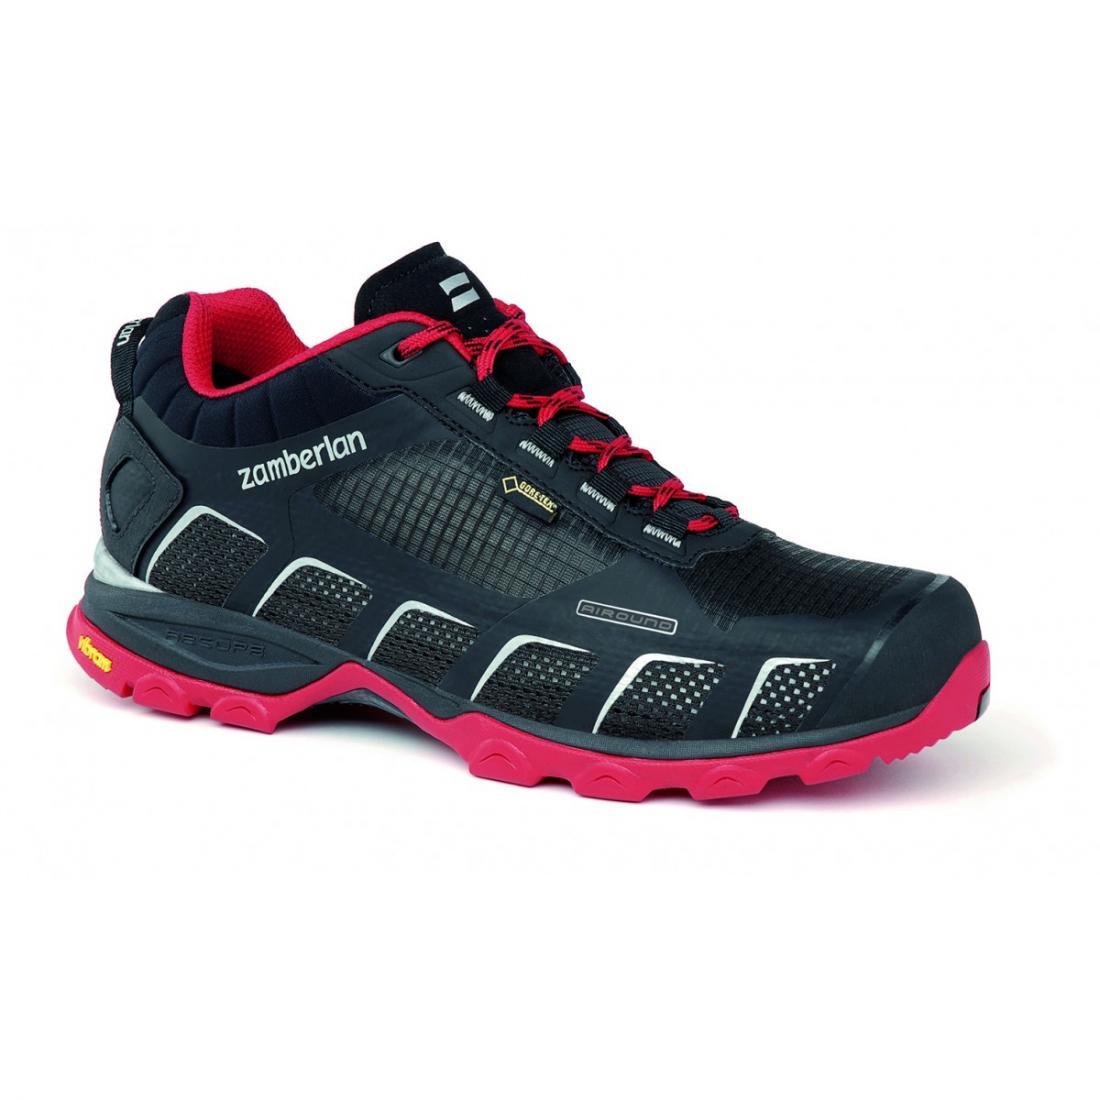 Кроссовки 132 AIR-ROUND GTX RRХайкинговые<br>Стильные ботинки средней высоты для легкого и уверенного движения по горным тропам. Комфортная посадка этих ботинок усовершенствована за счет эксклюзивной внешней подошвы Zamberlan® Vibram® Speed Hiking Lite, которая позволяет максимально эффективно де...<br><br>Цвет: Черный<br>Размер: 42